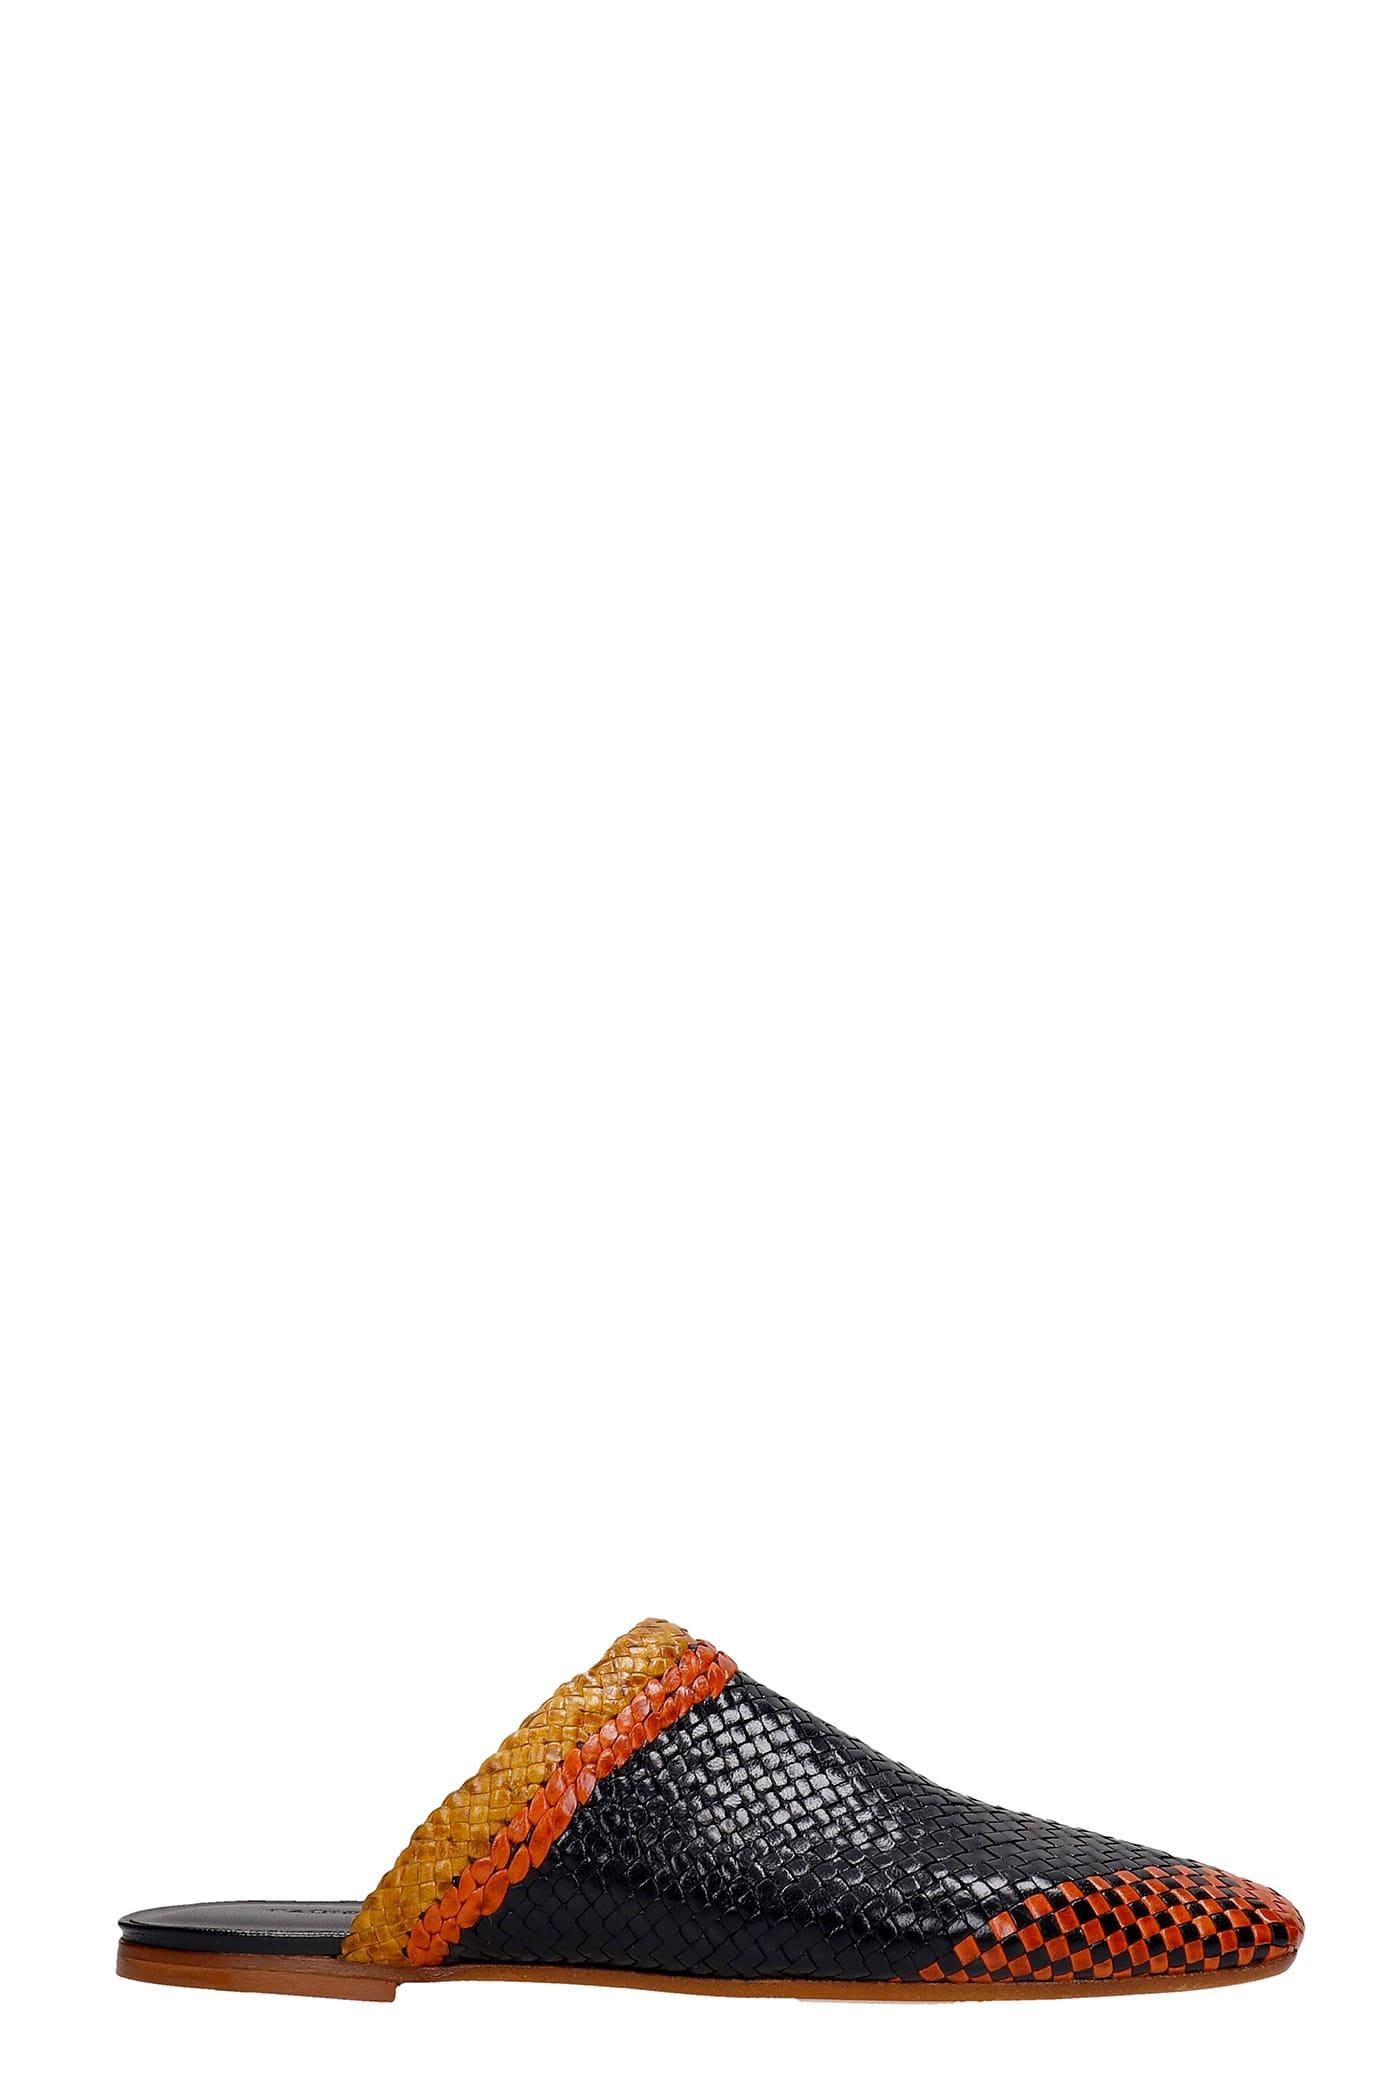 Fabio Rusconi Loafers In Black Leather